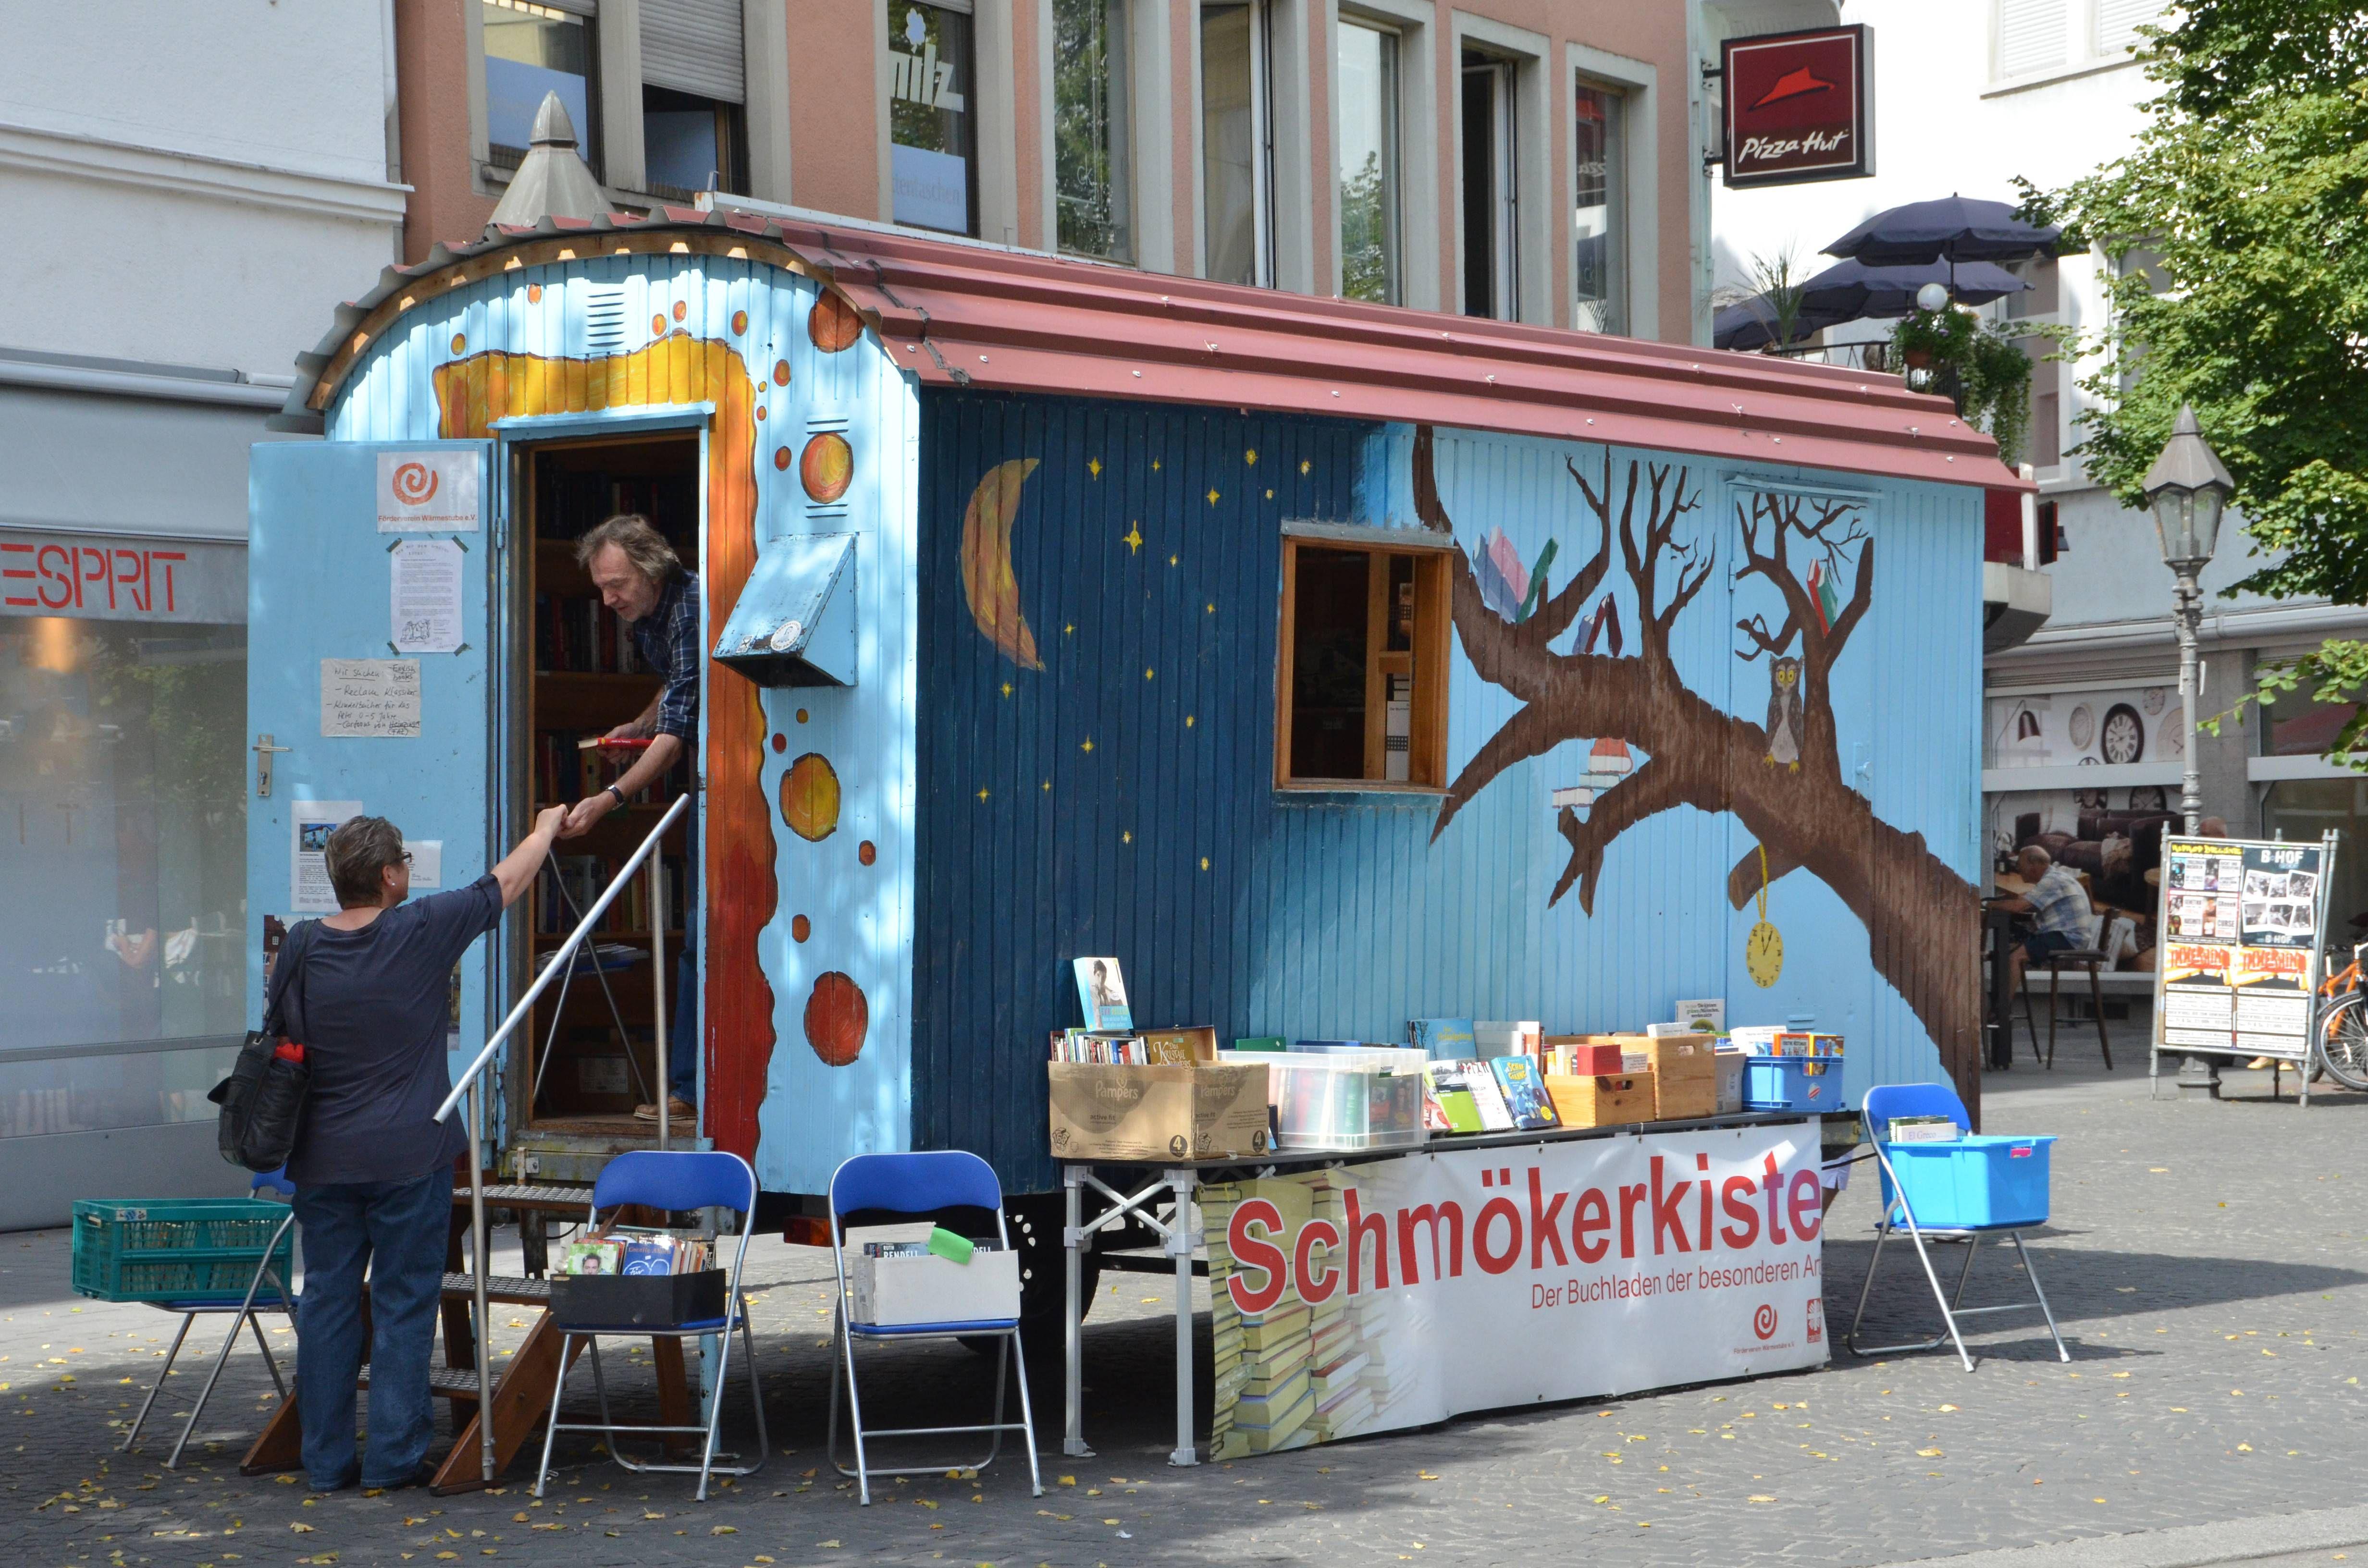 """Im Sommer lädt die """"Schmökerkiste"""" des Fördervereins Wärmestube in der Würzburger Innenstadt zum Lesen und Begegnen ein (Archivbild)."""